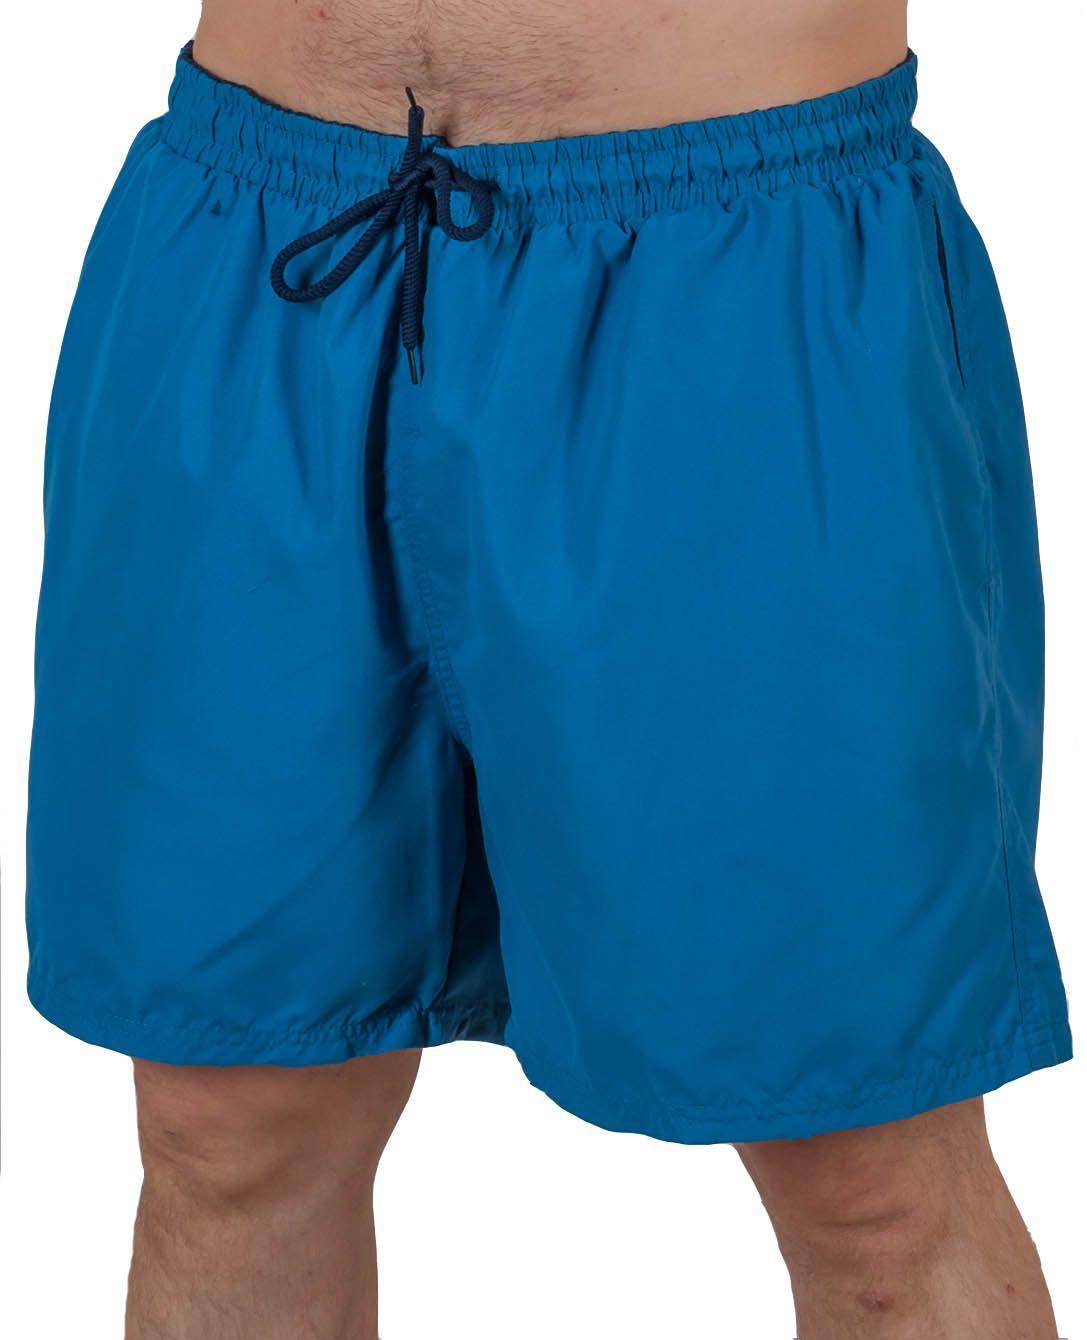 Курортные мужские шорты Quality Longyun Classic - вид спереди